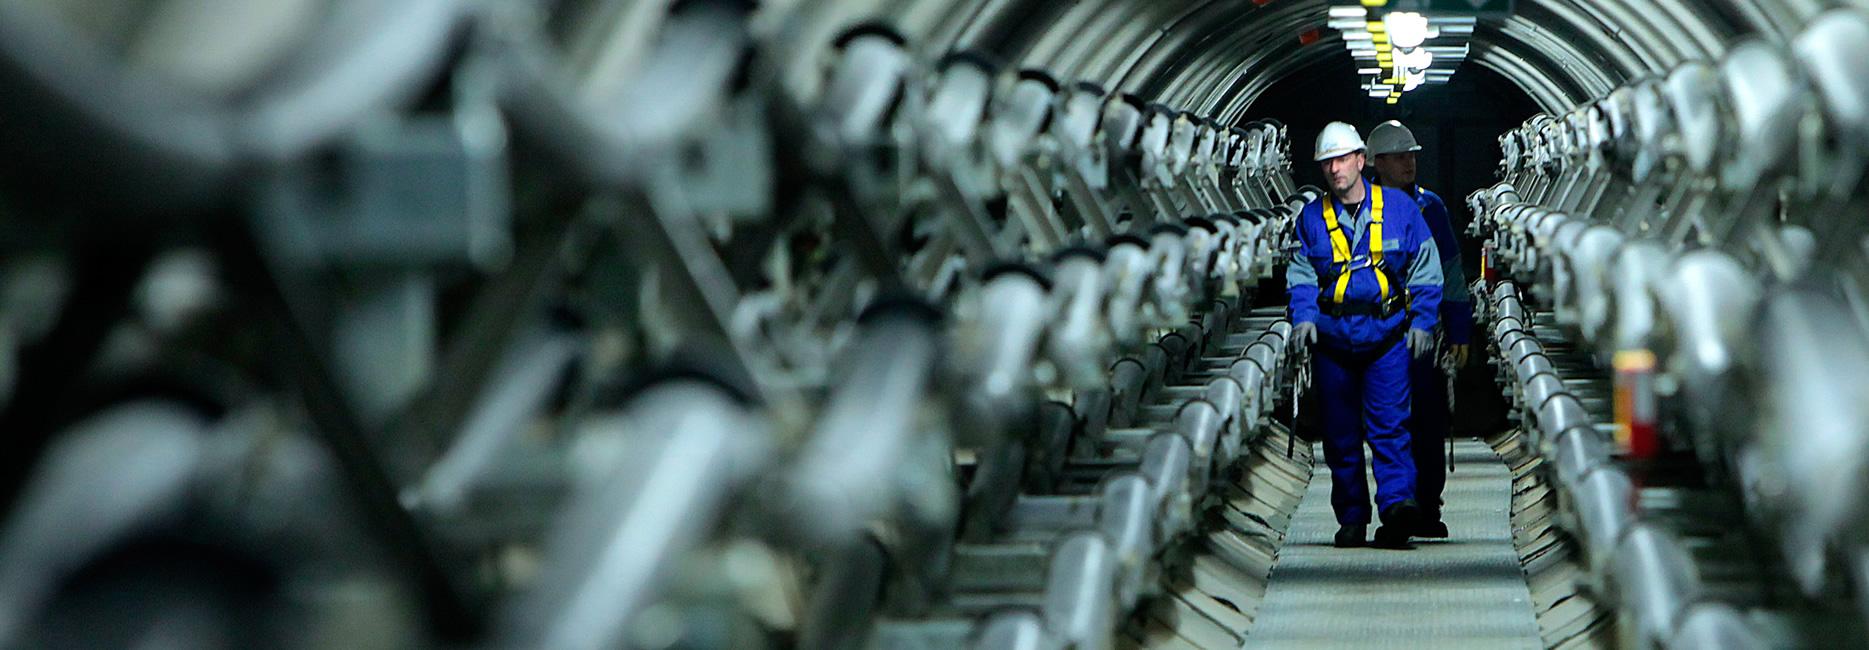 Unterirdische Verlegung von Leitungen, ein Großprojekt